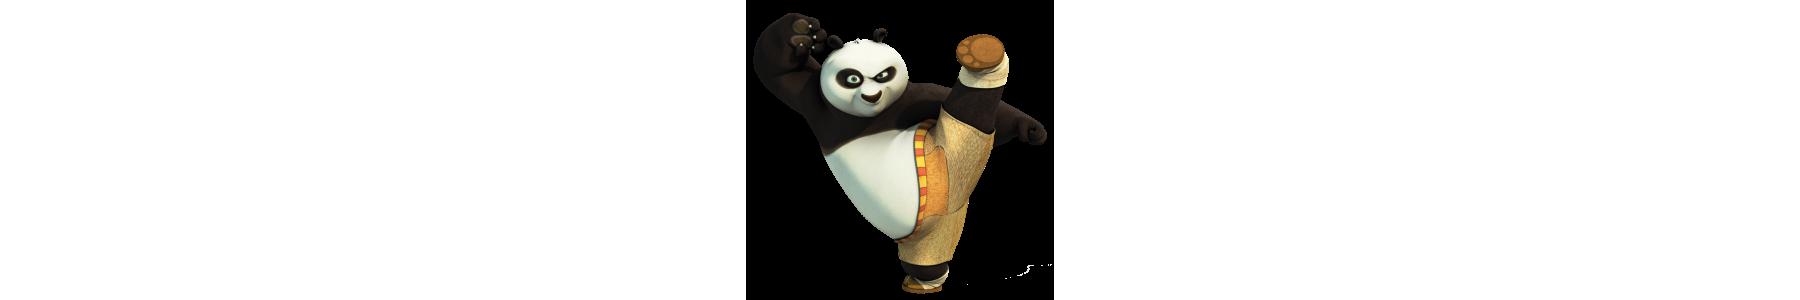 Articole party Kung Fu Panda 3